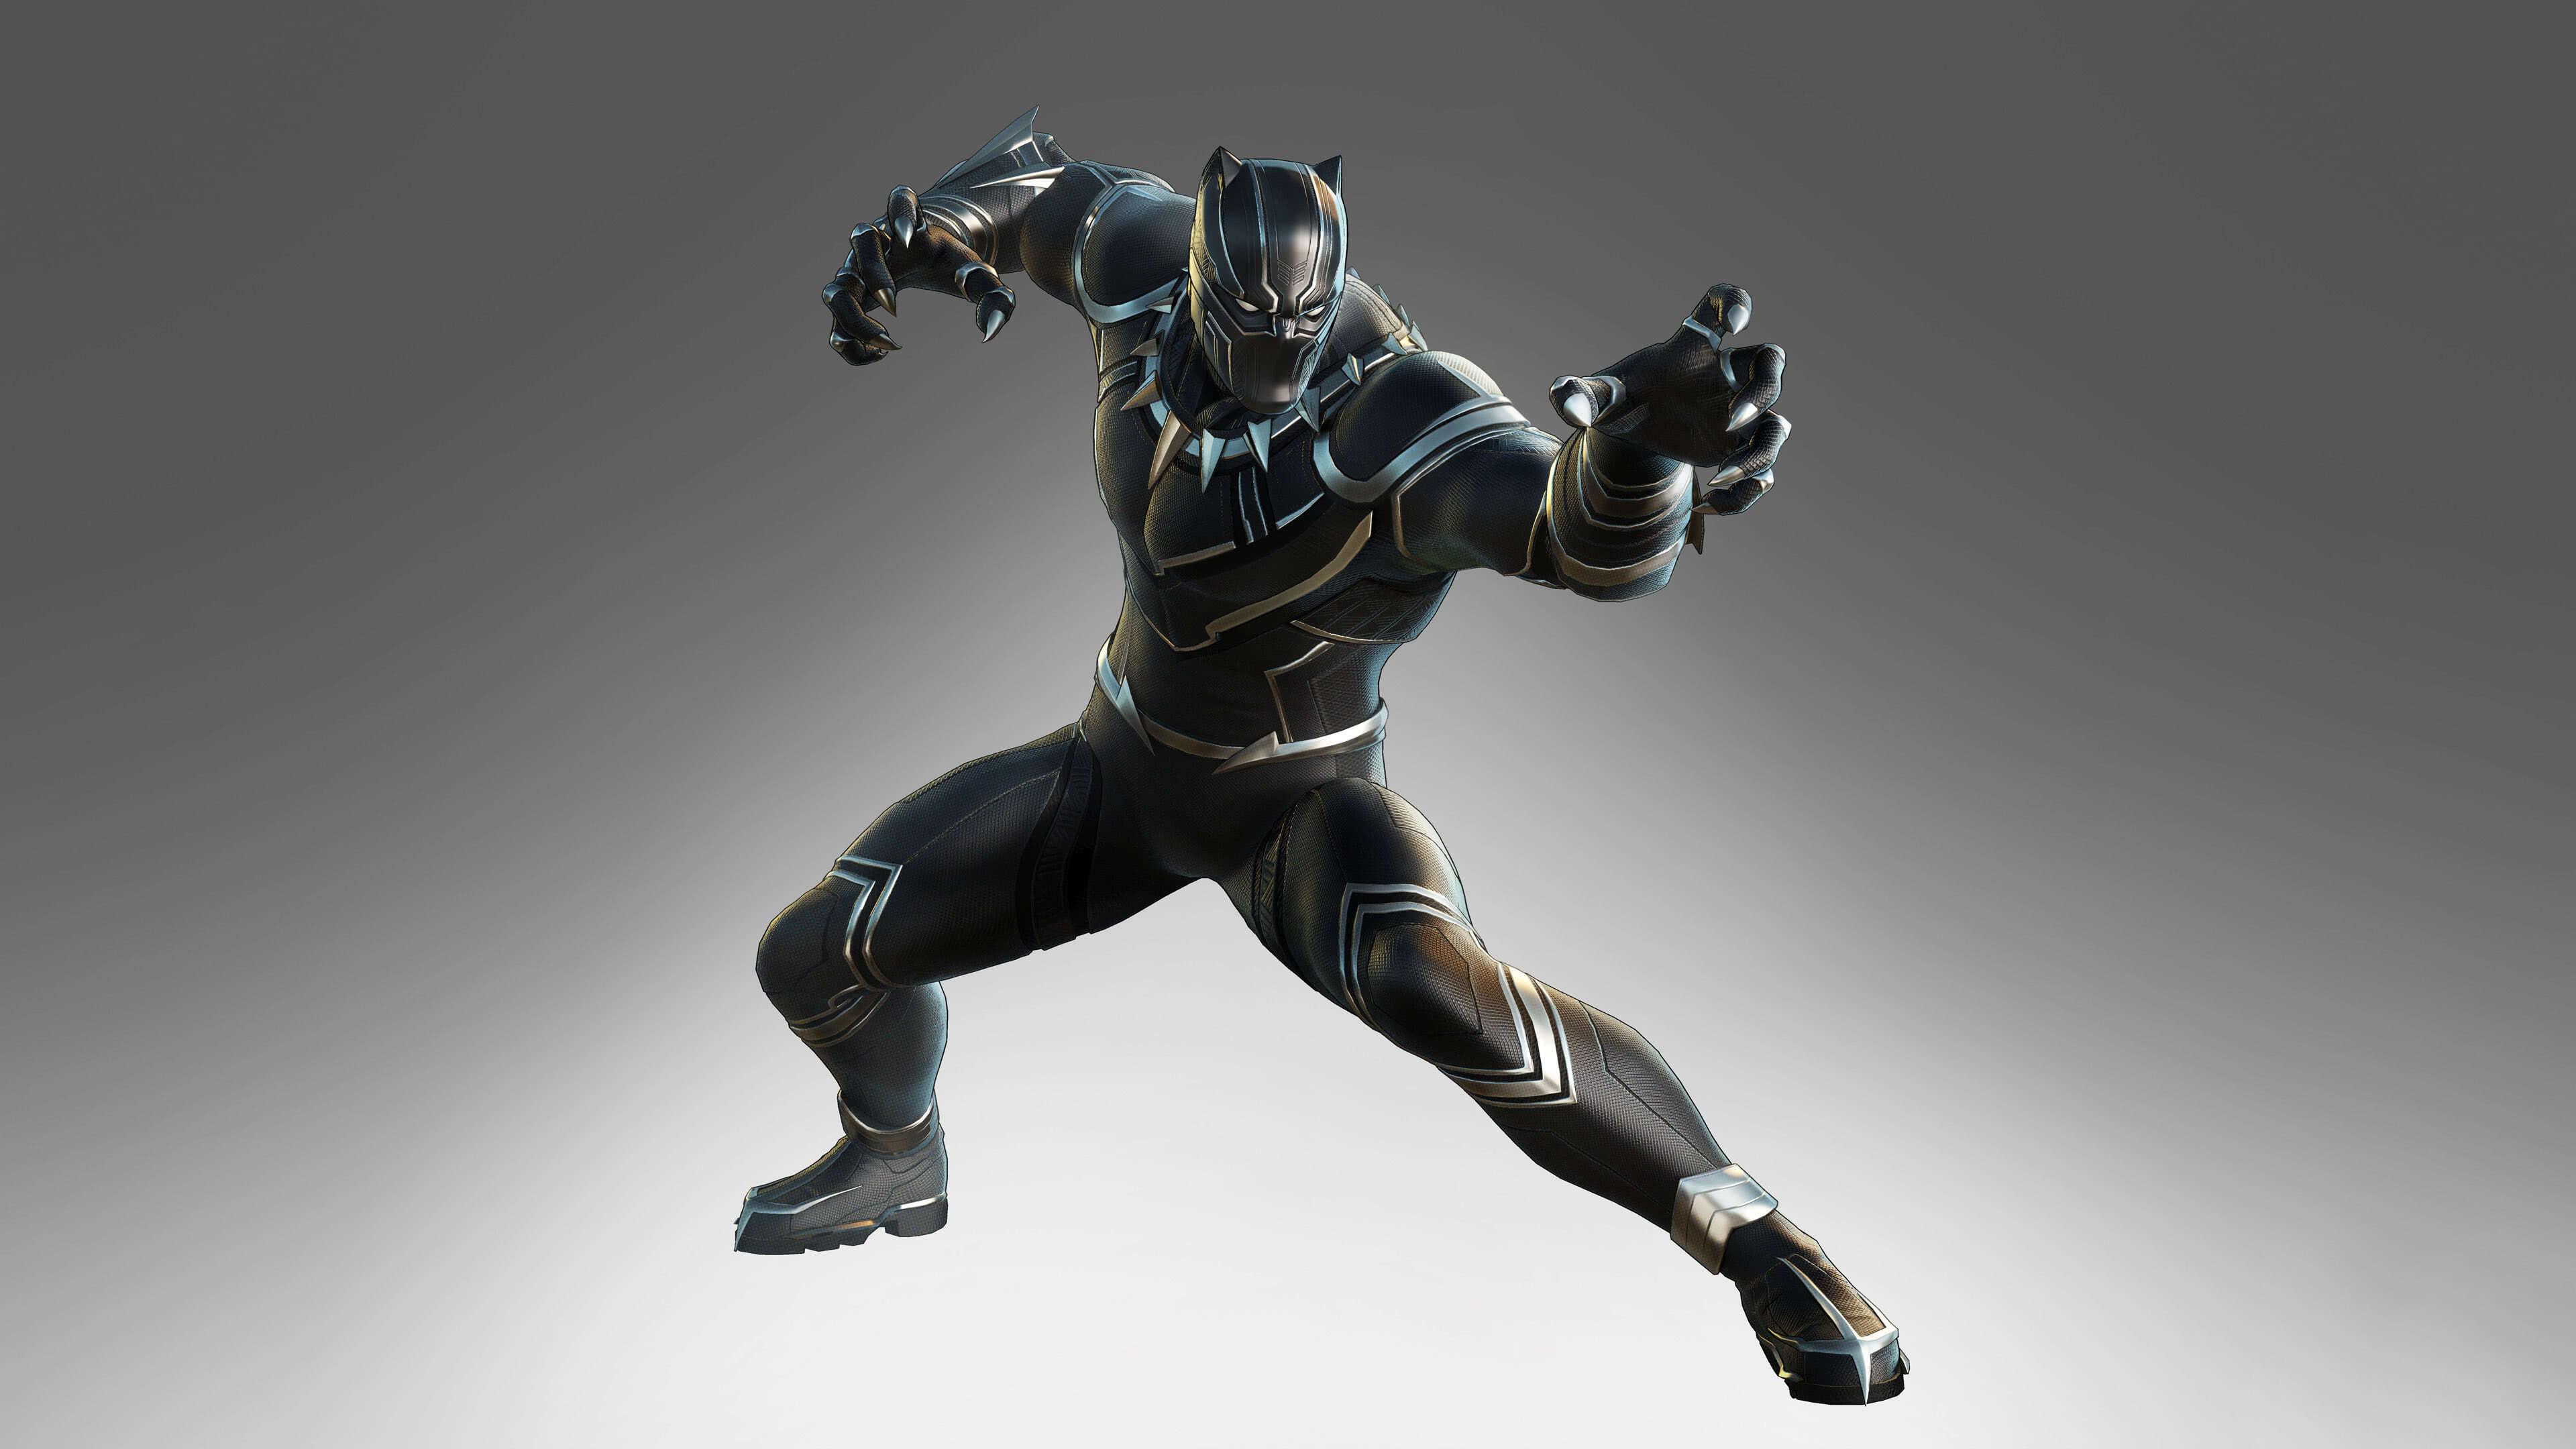 marvel ultimate alliance 3 black panther uhd 4k wallpaper